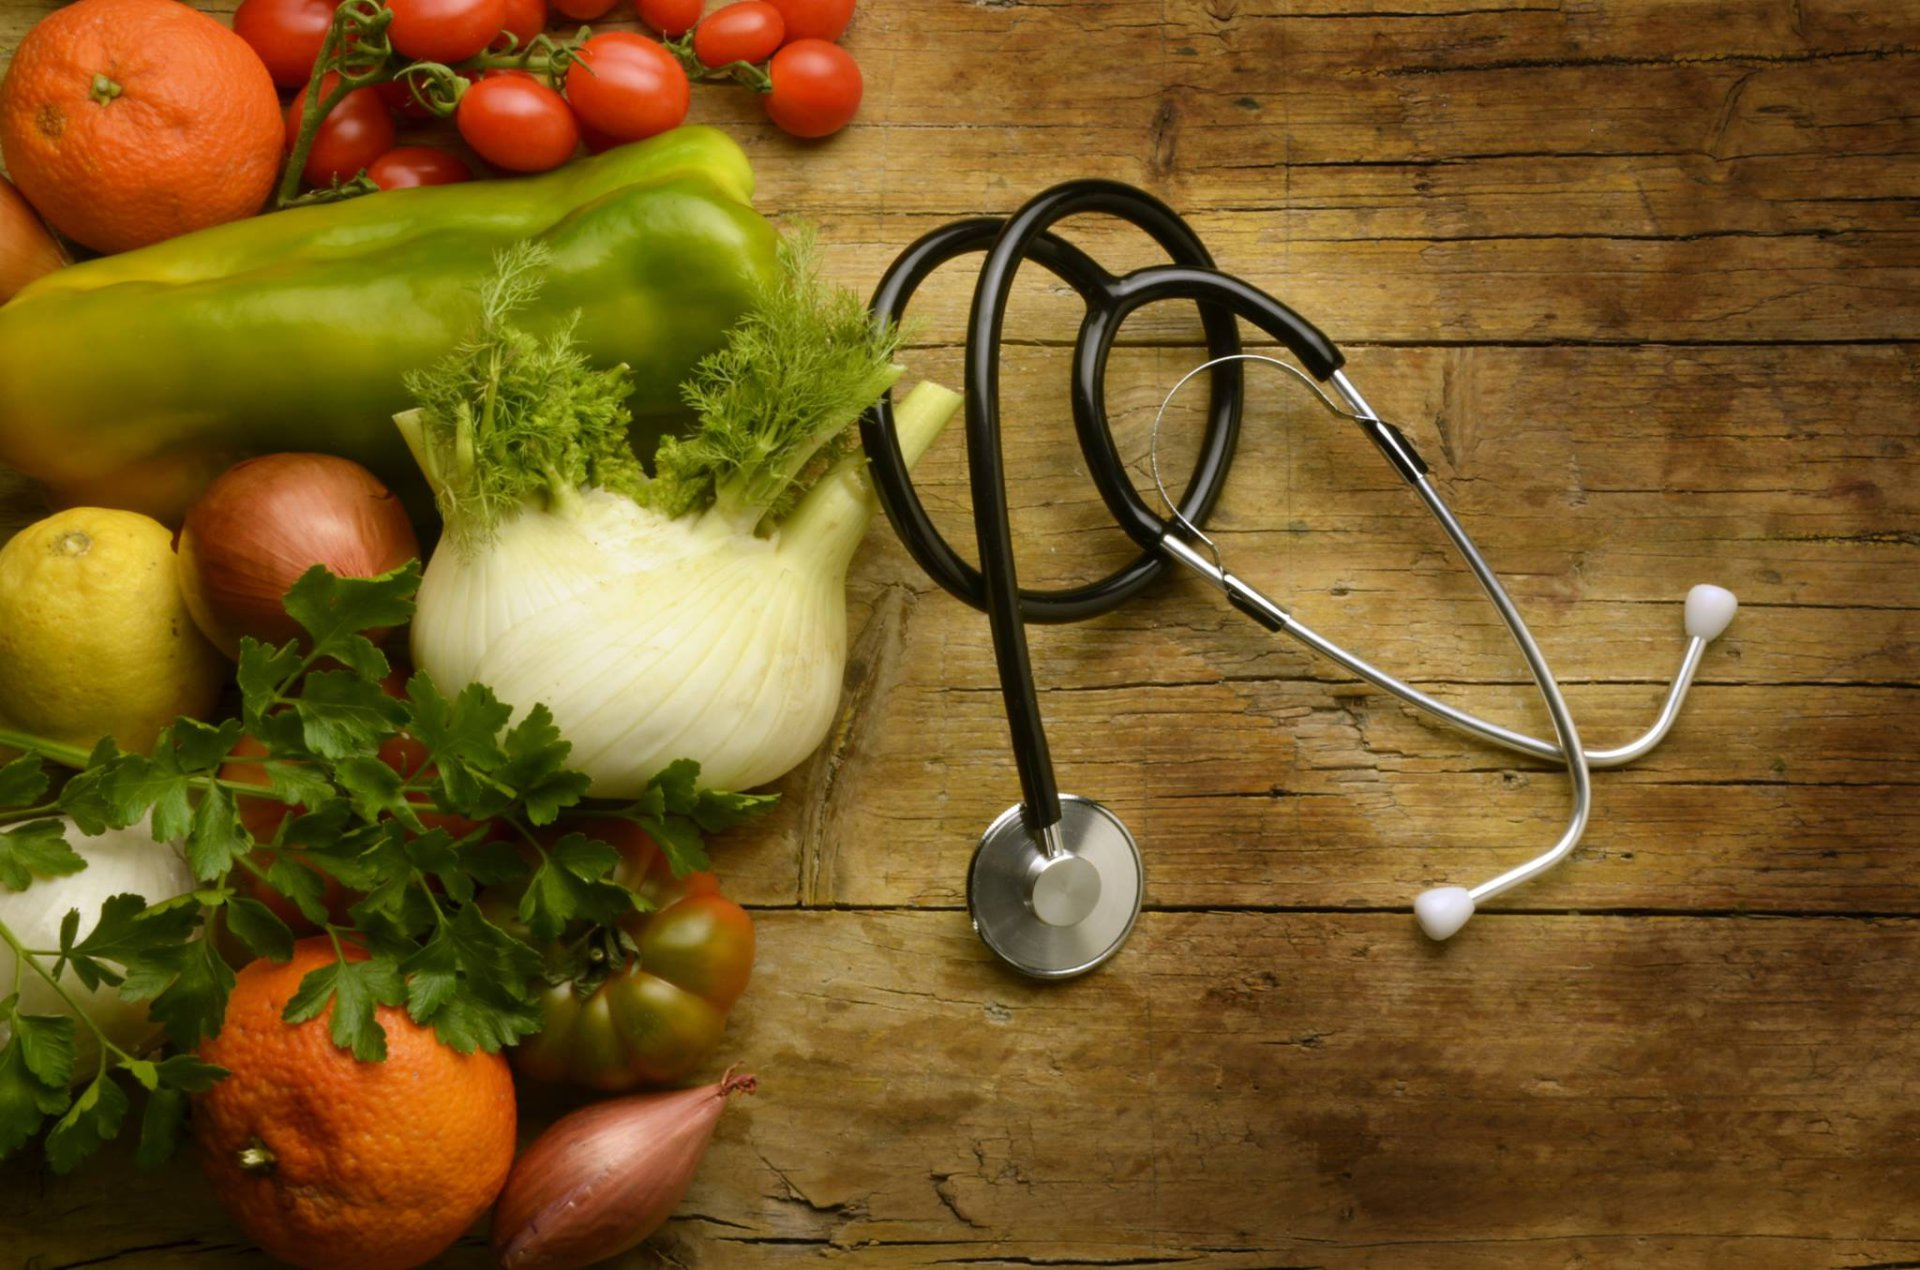 KU Sveikatos mokslų fakulteto mokslininkų išradimas gali sukelti proveržį gydant hipertenziją